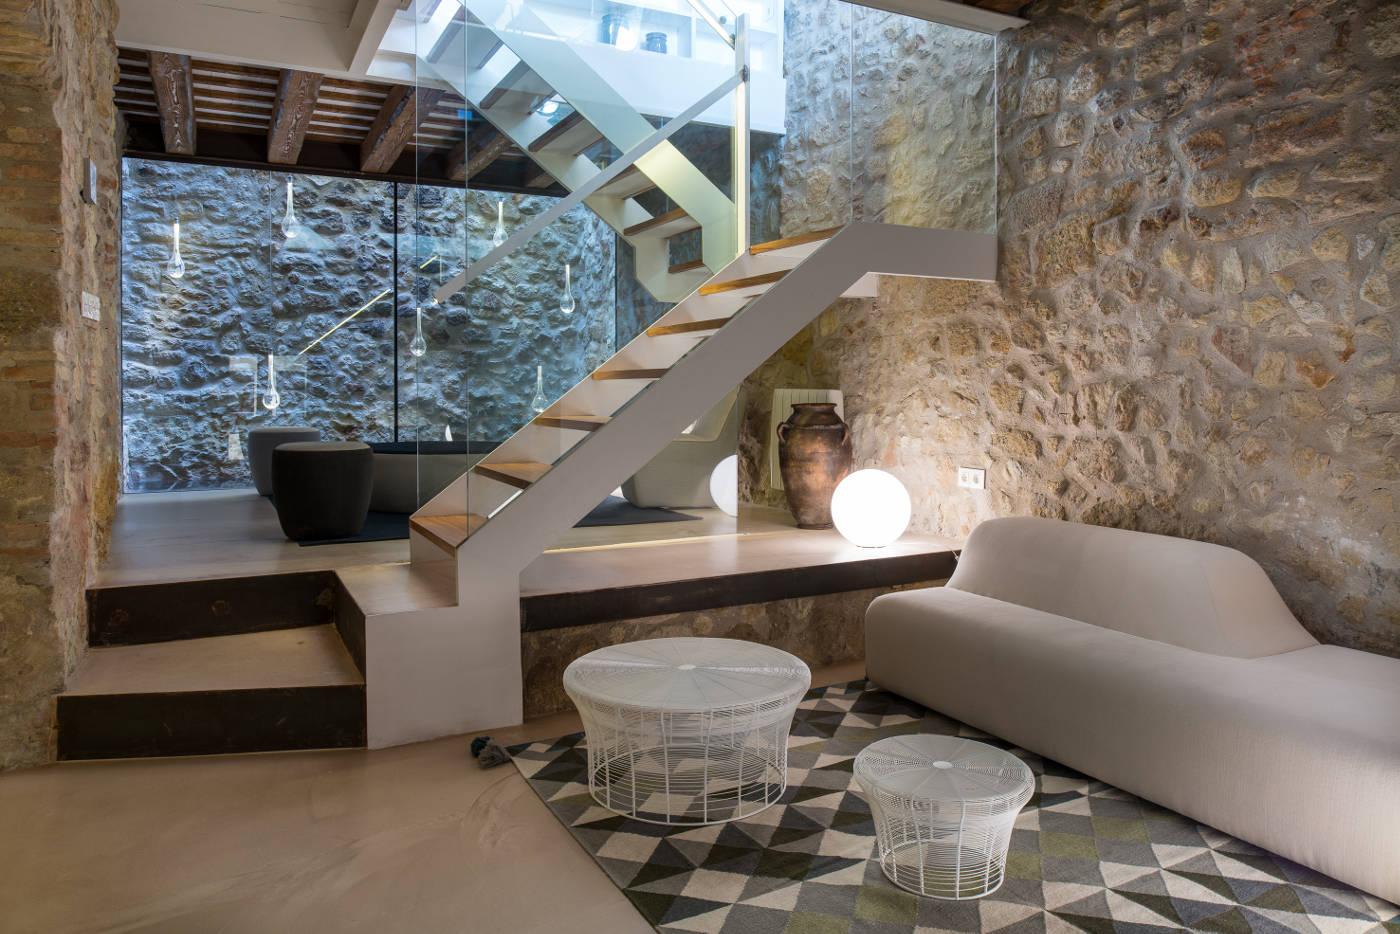 Interiorismo casas de pueblo gloria duran estudio de - Rehabilitacion de casas antiguas ...